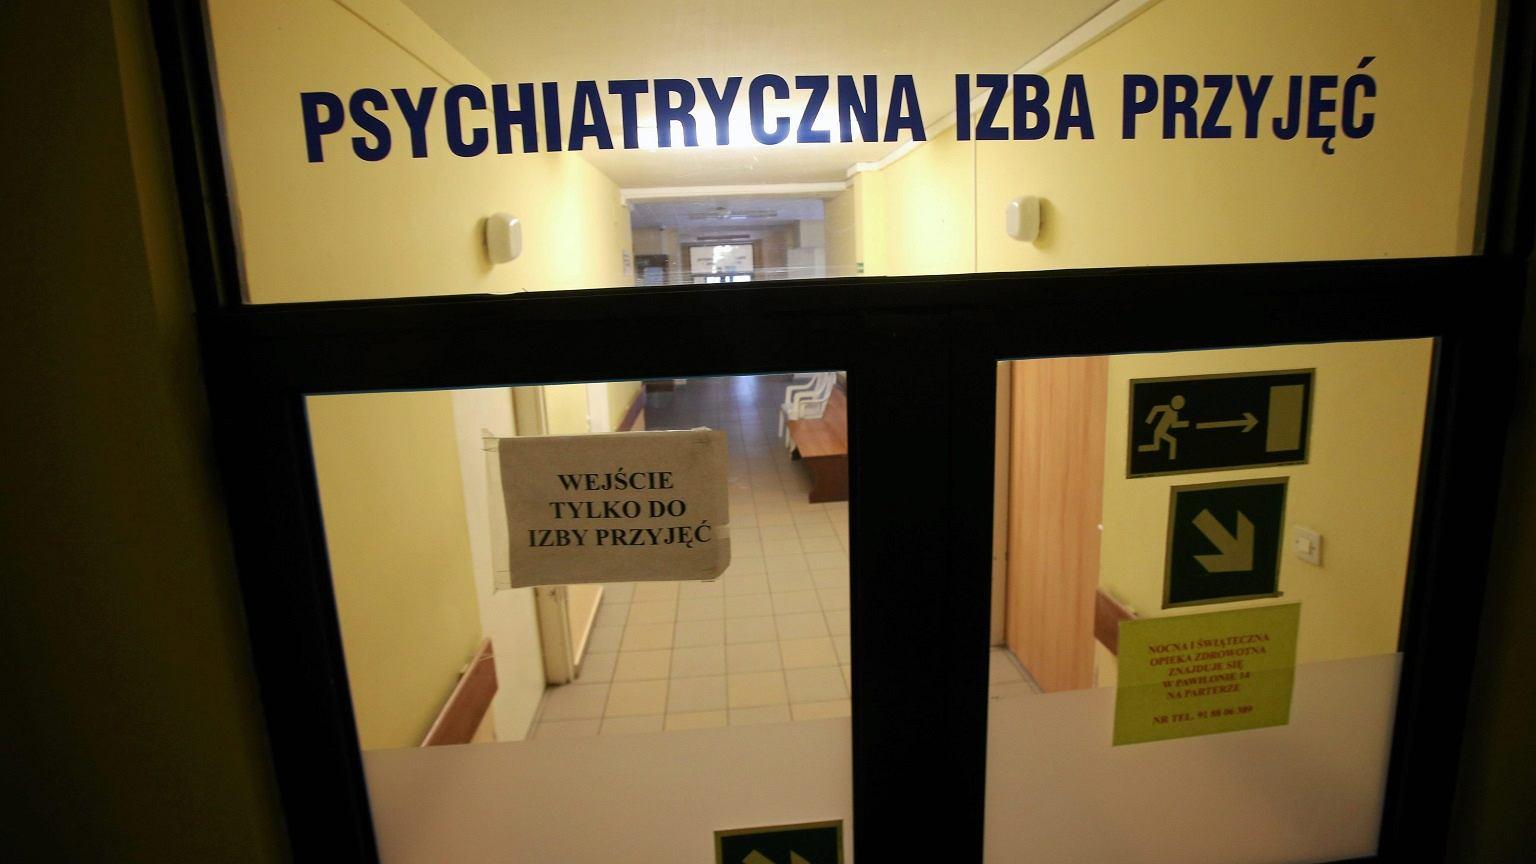 Psychiatryczna izba przyjęć